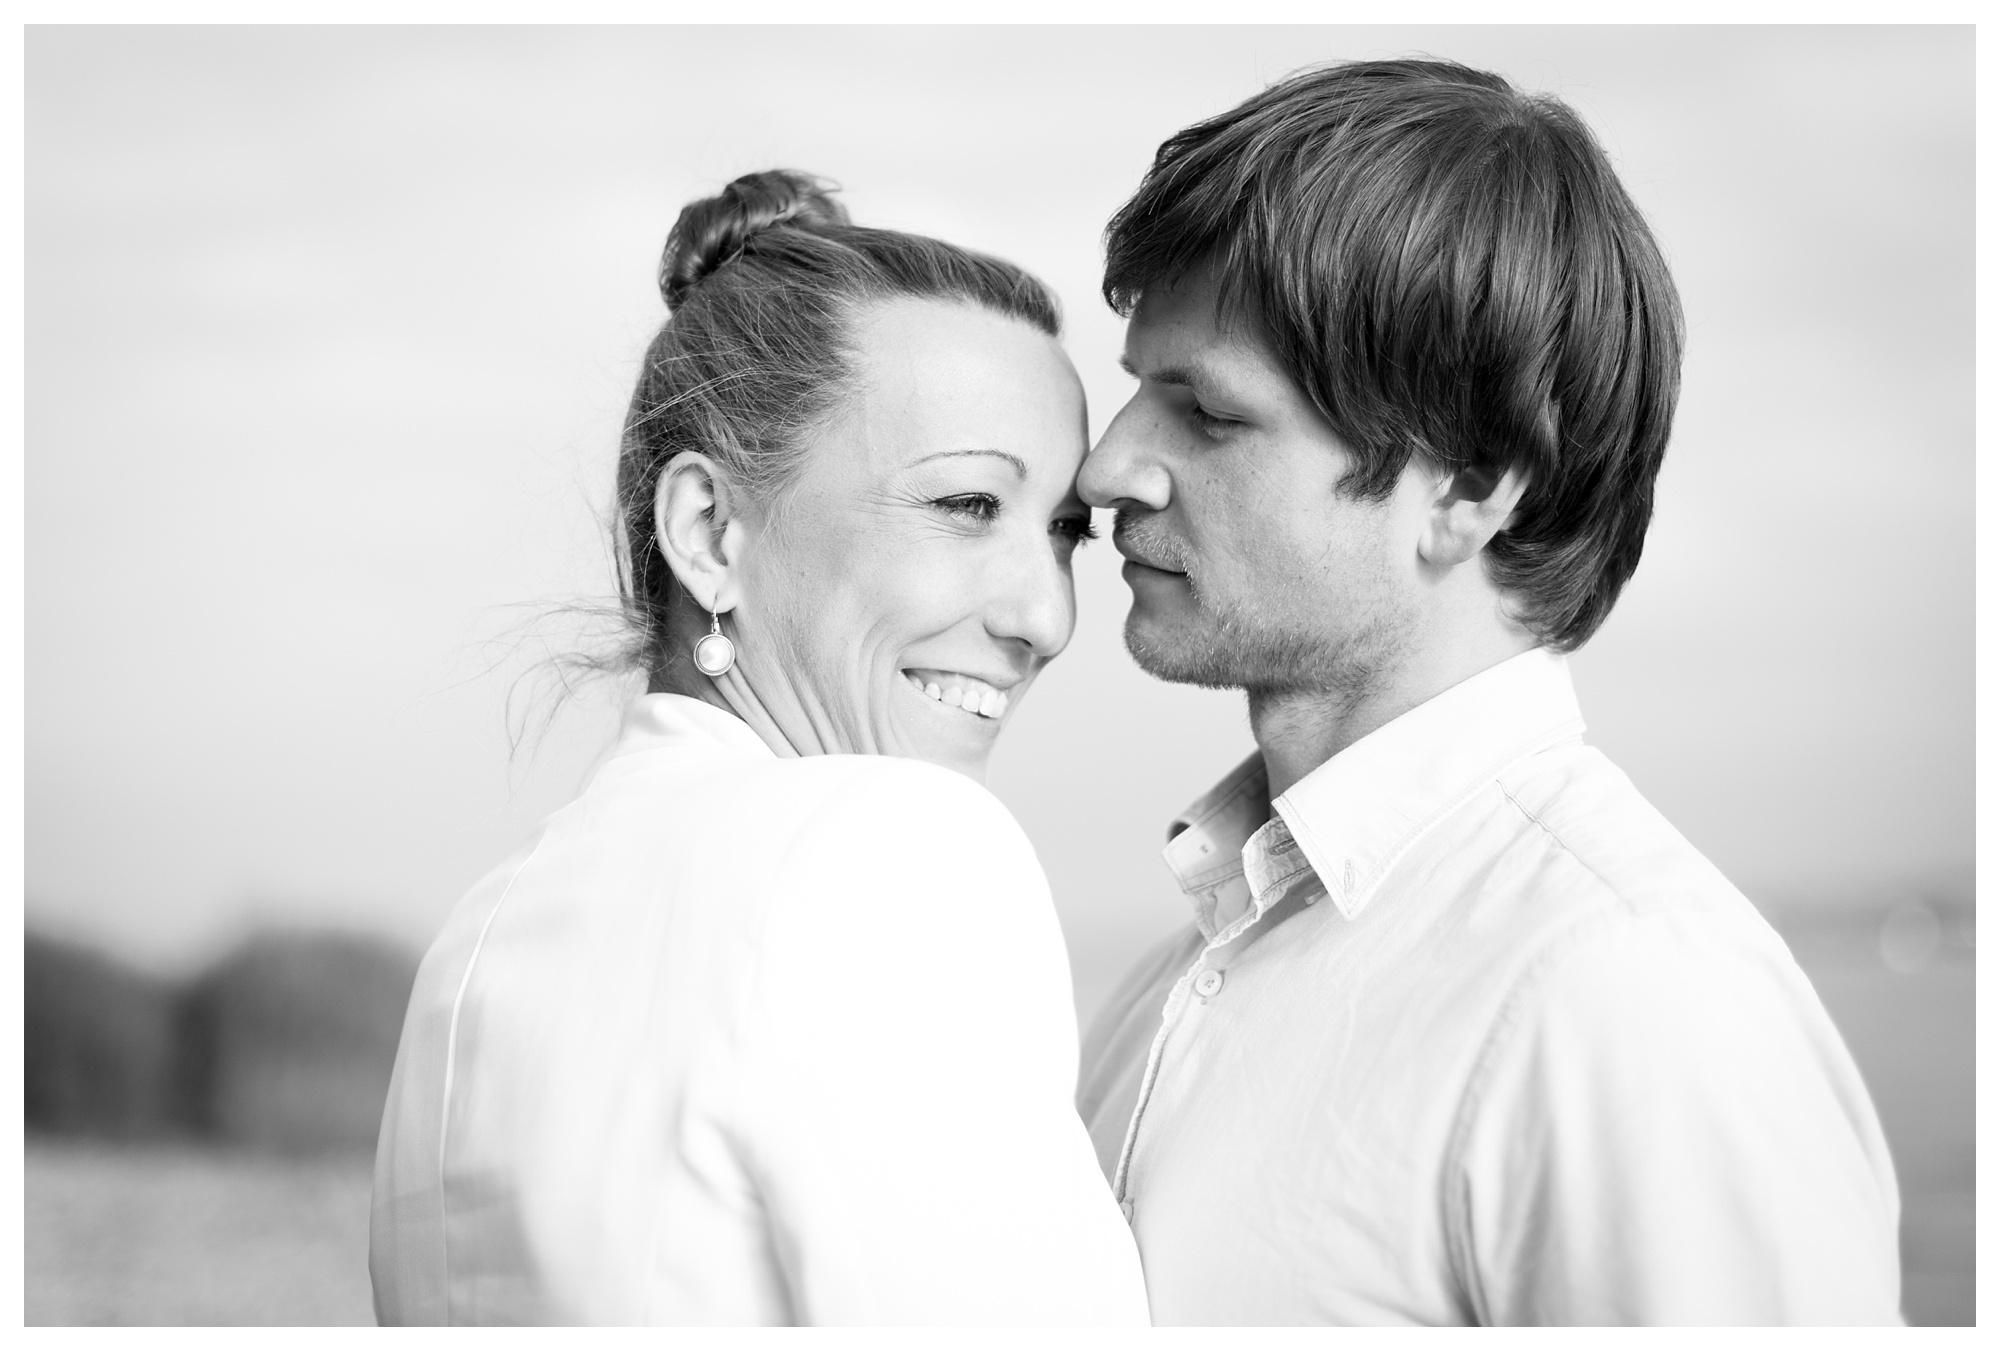 Fotograf Konstanz - Best of 2014 Elmar Feuerbacher Photography Hochzeit Portrait 062 - Rückblick auf 2014  - 55 -